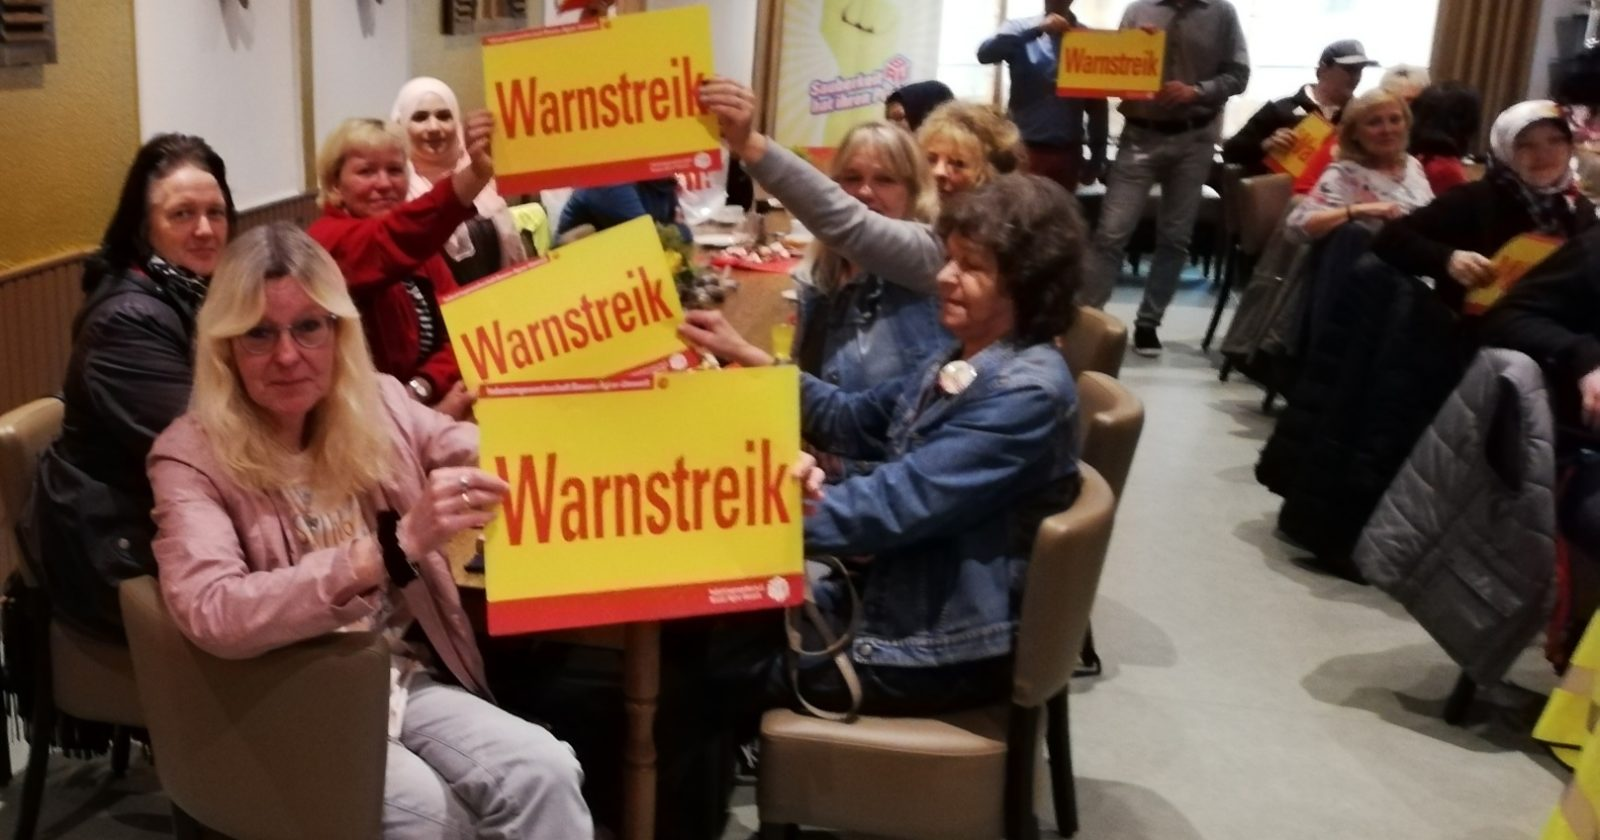 Reinigungskräfte in Westfalen seit heute Morgen im Warnstreik